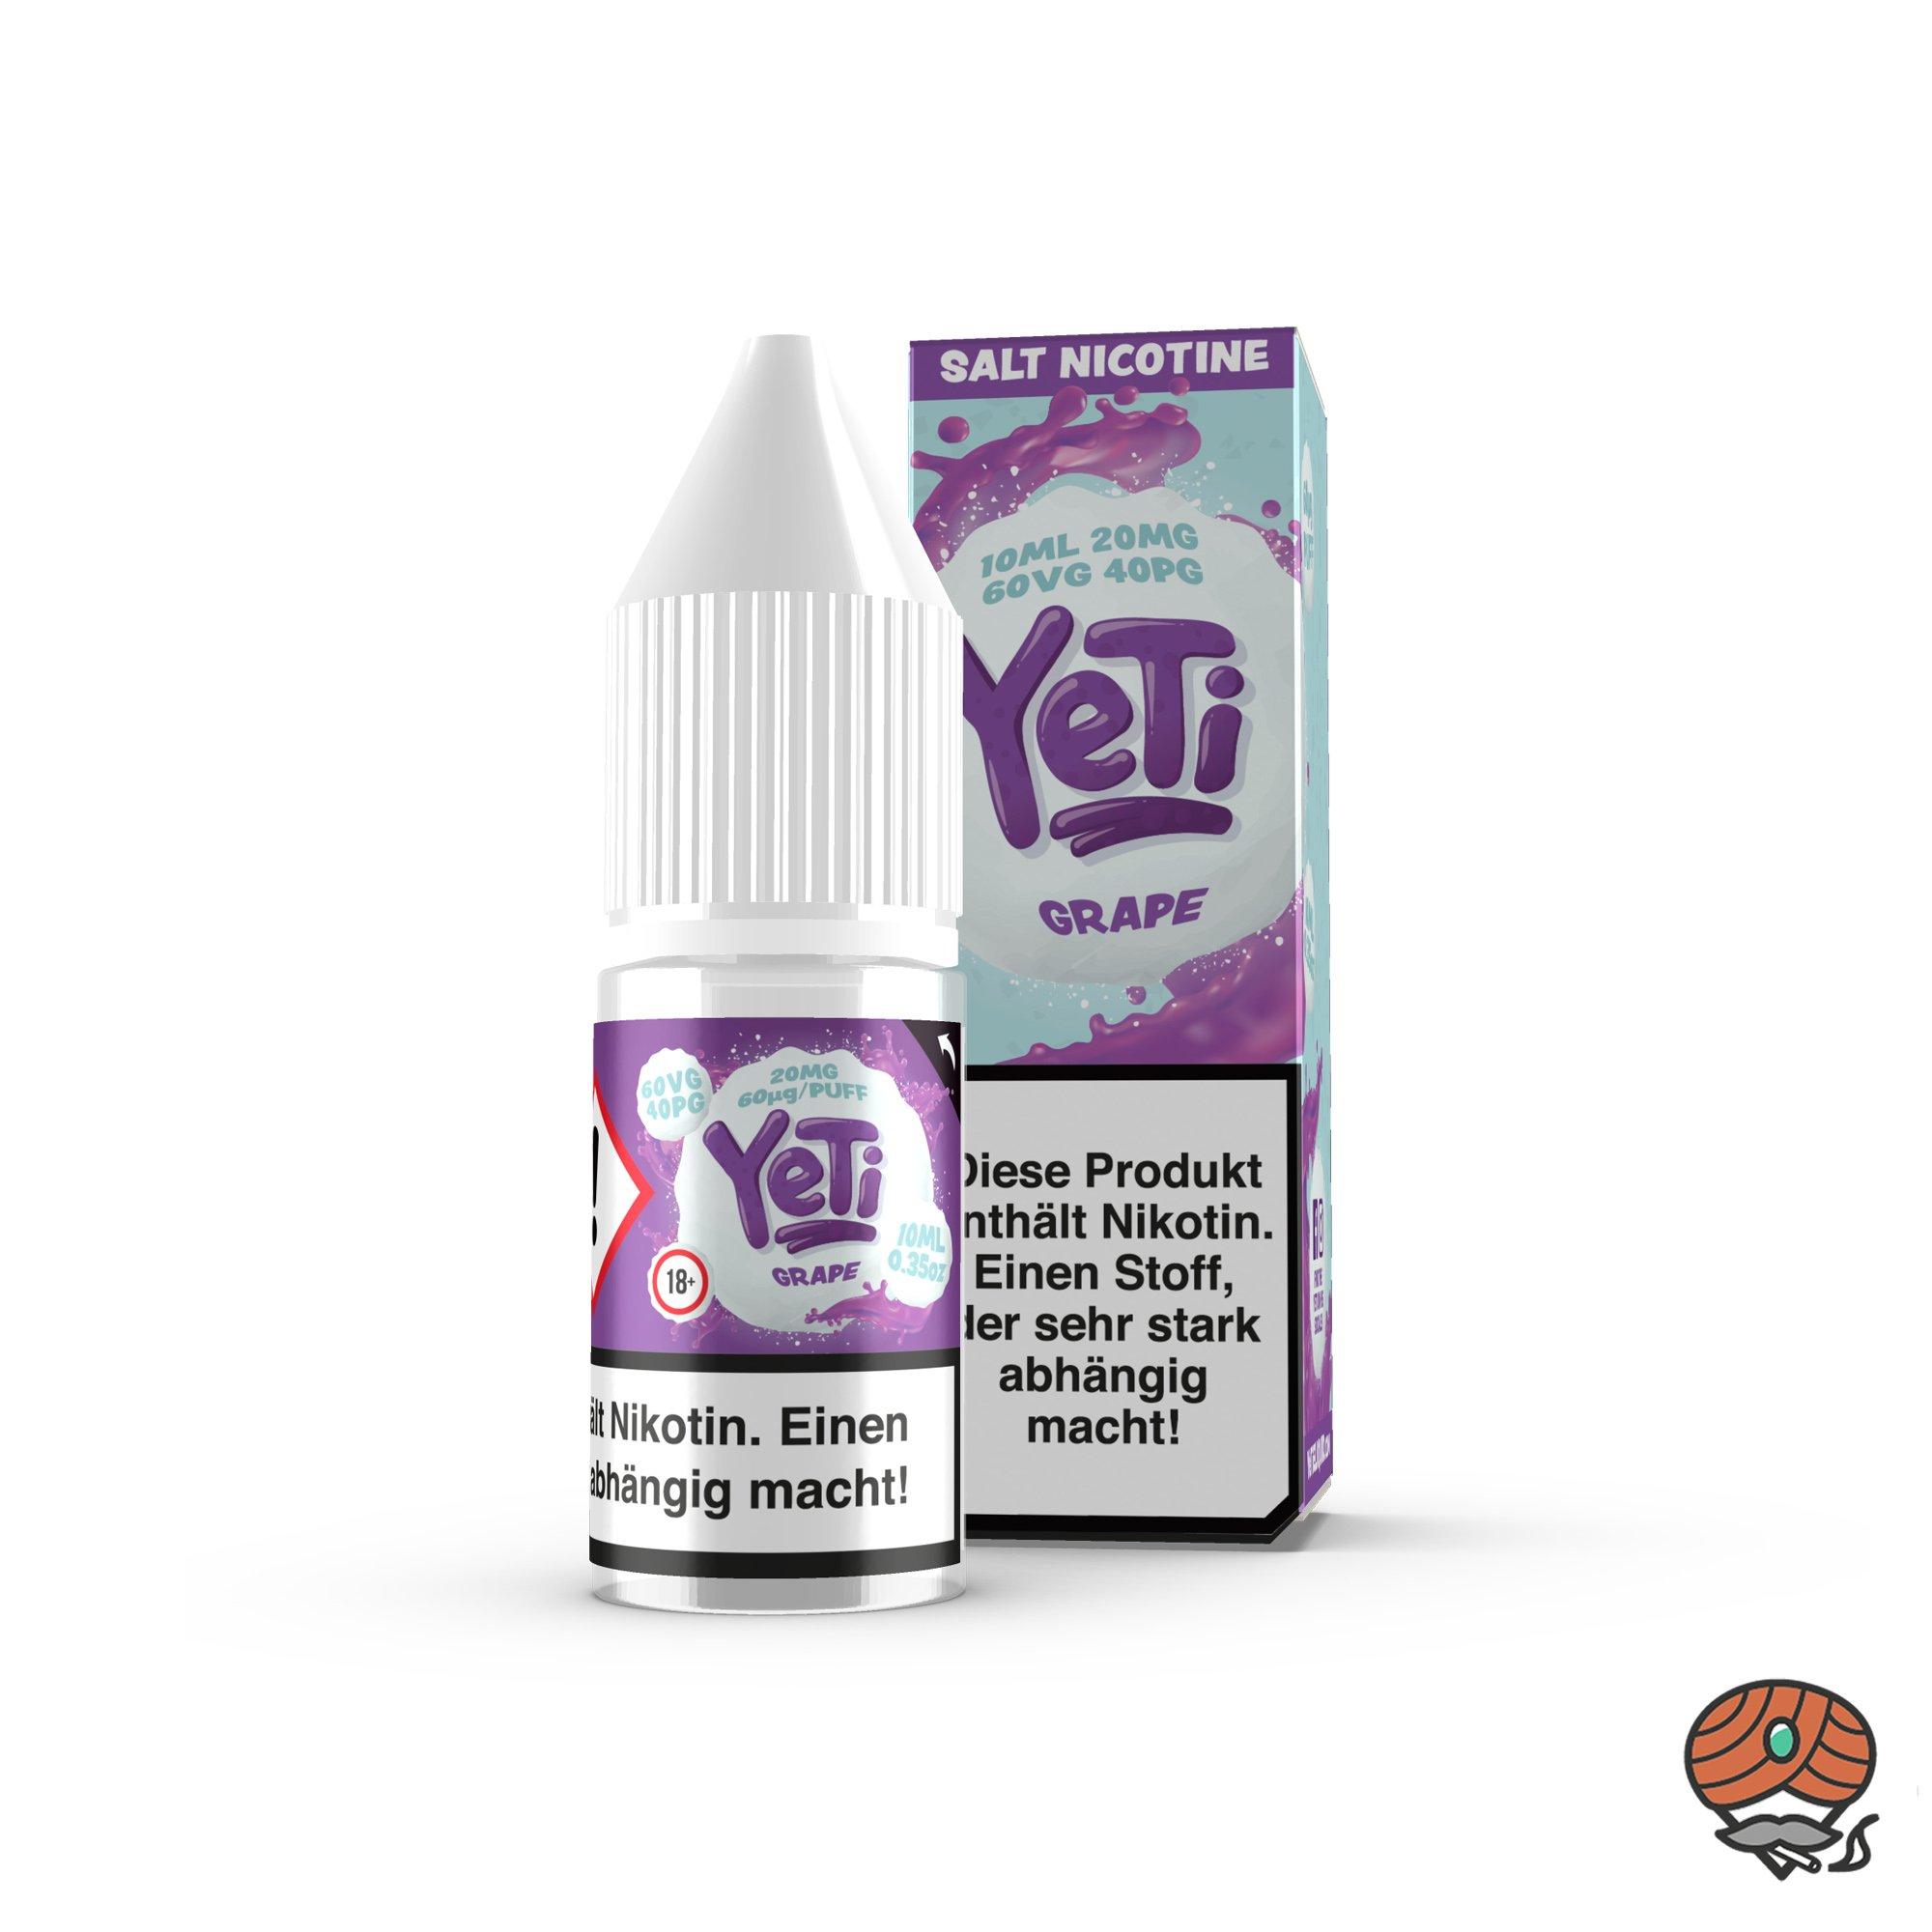 YeTi Nikotinsalz Liquid Grape 10 ml 20 mg/ml Nikotin